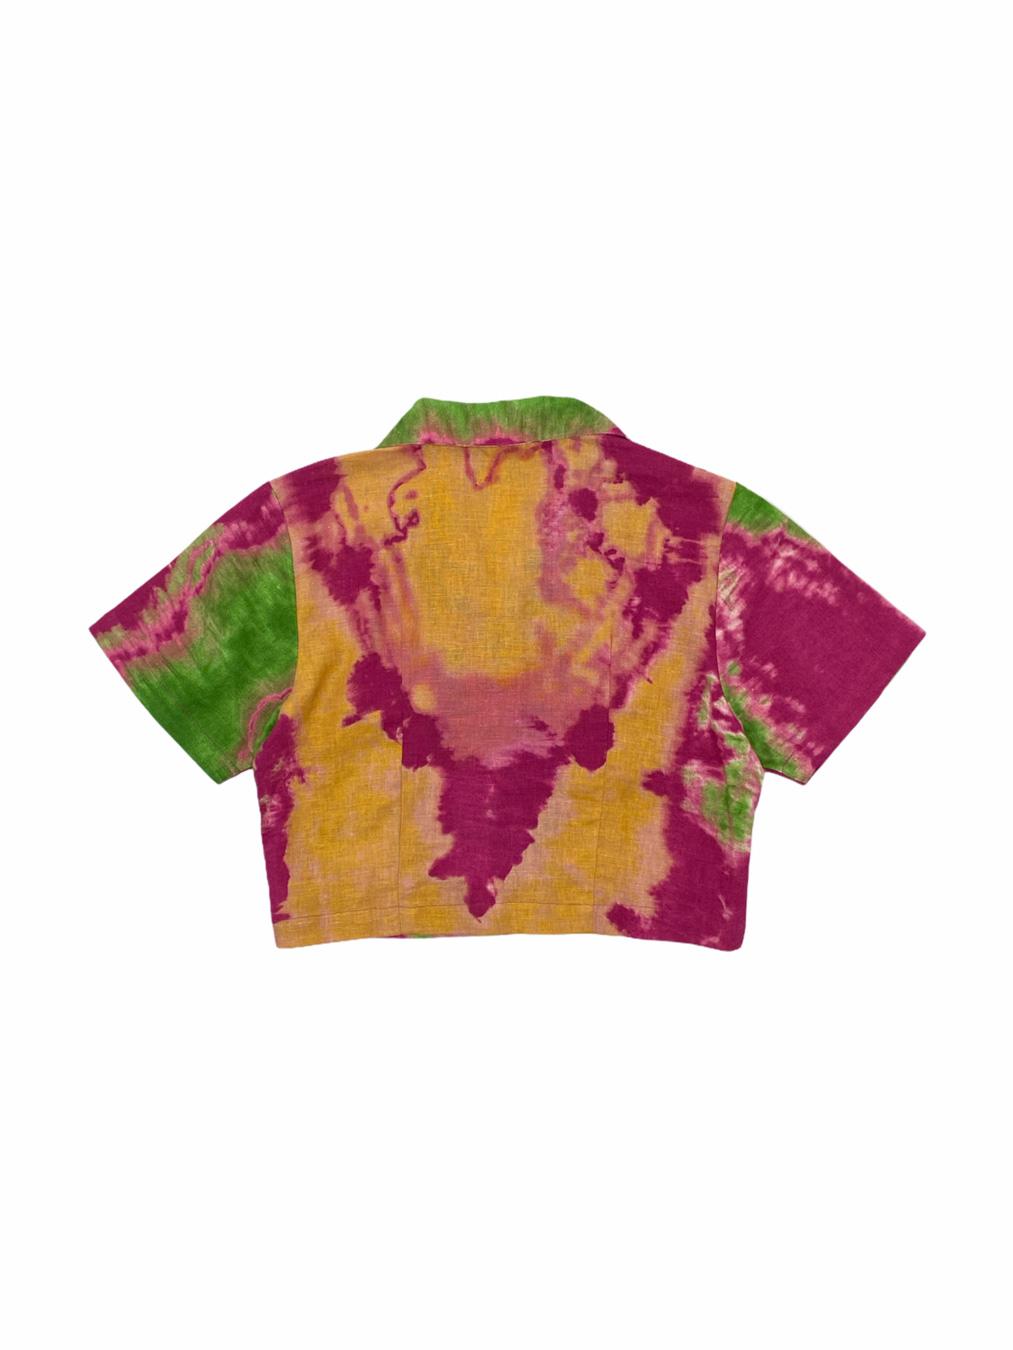 Button Up Crop Top in Tie Dye